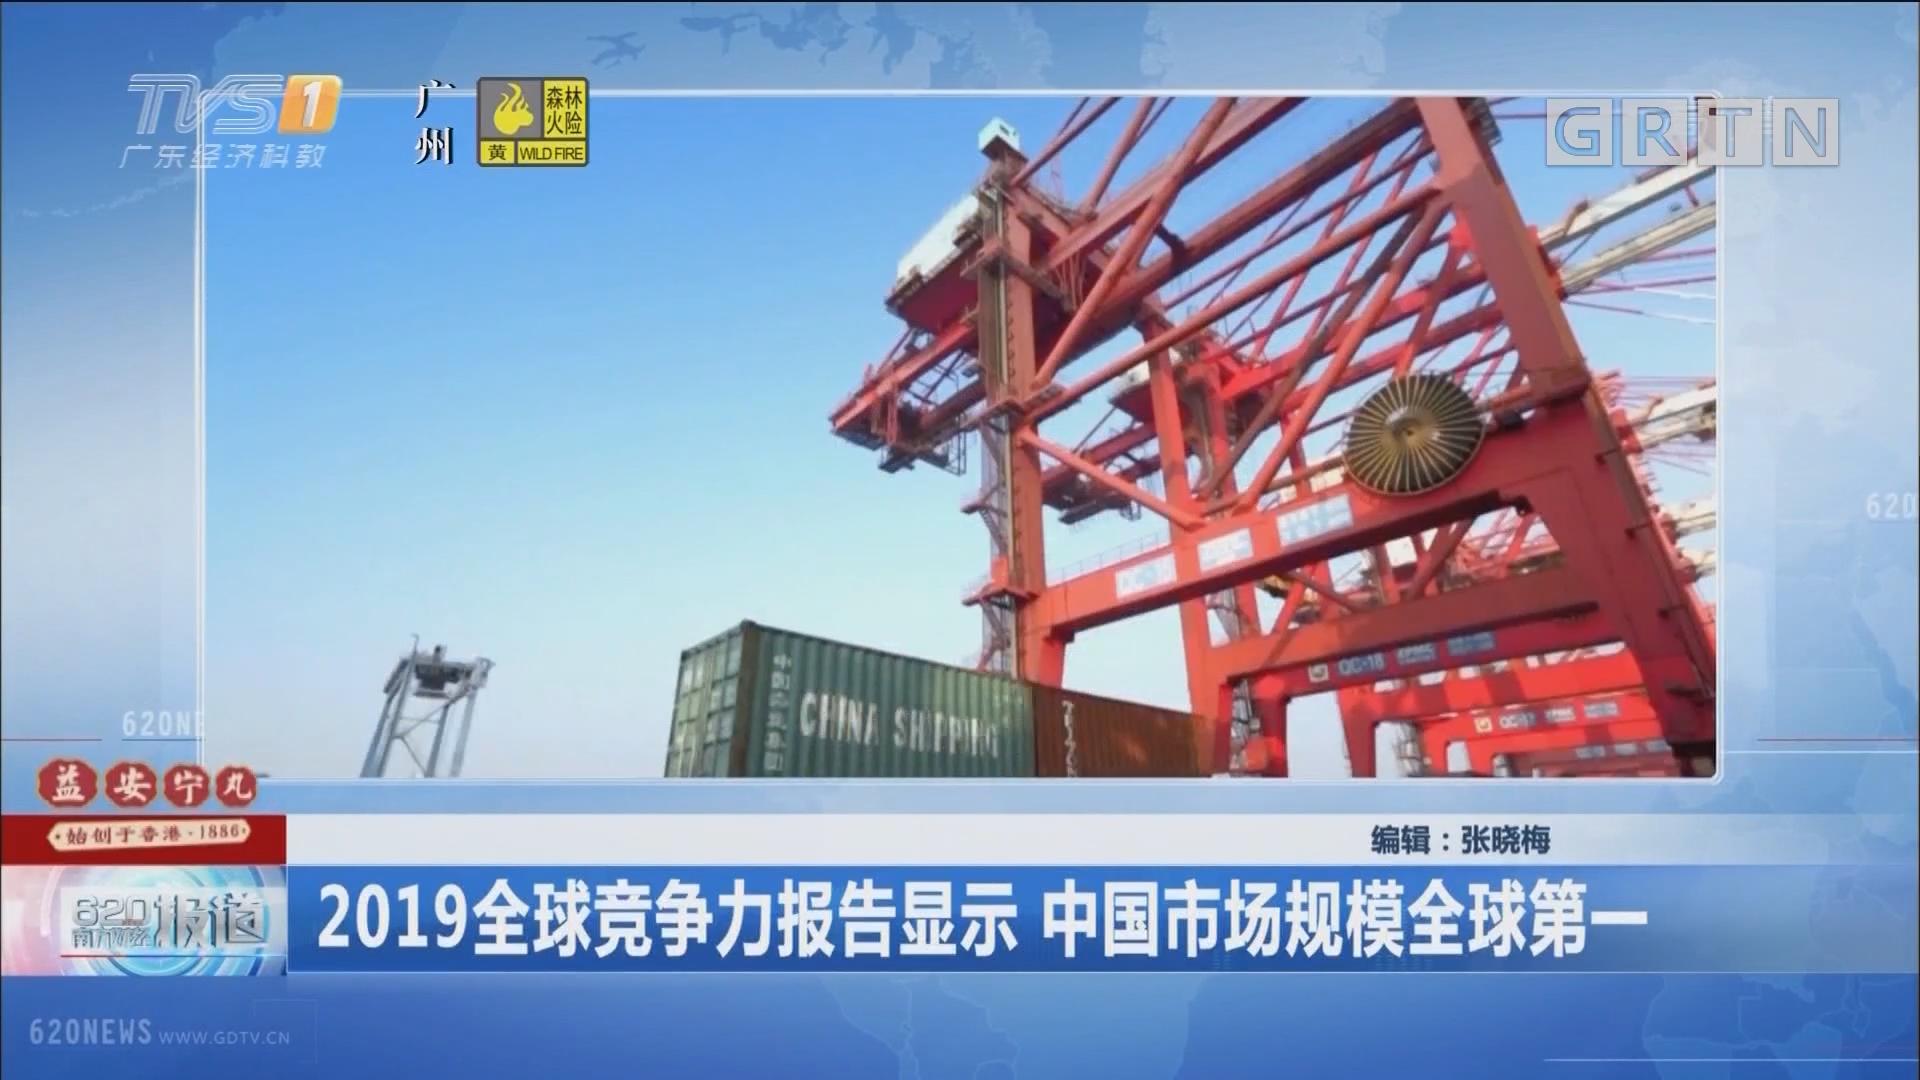 2019全球竞争力报告显示 中国市场规模全球第一